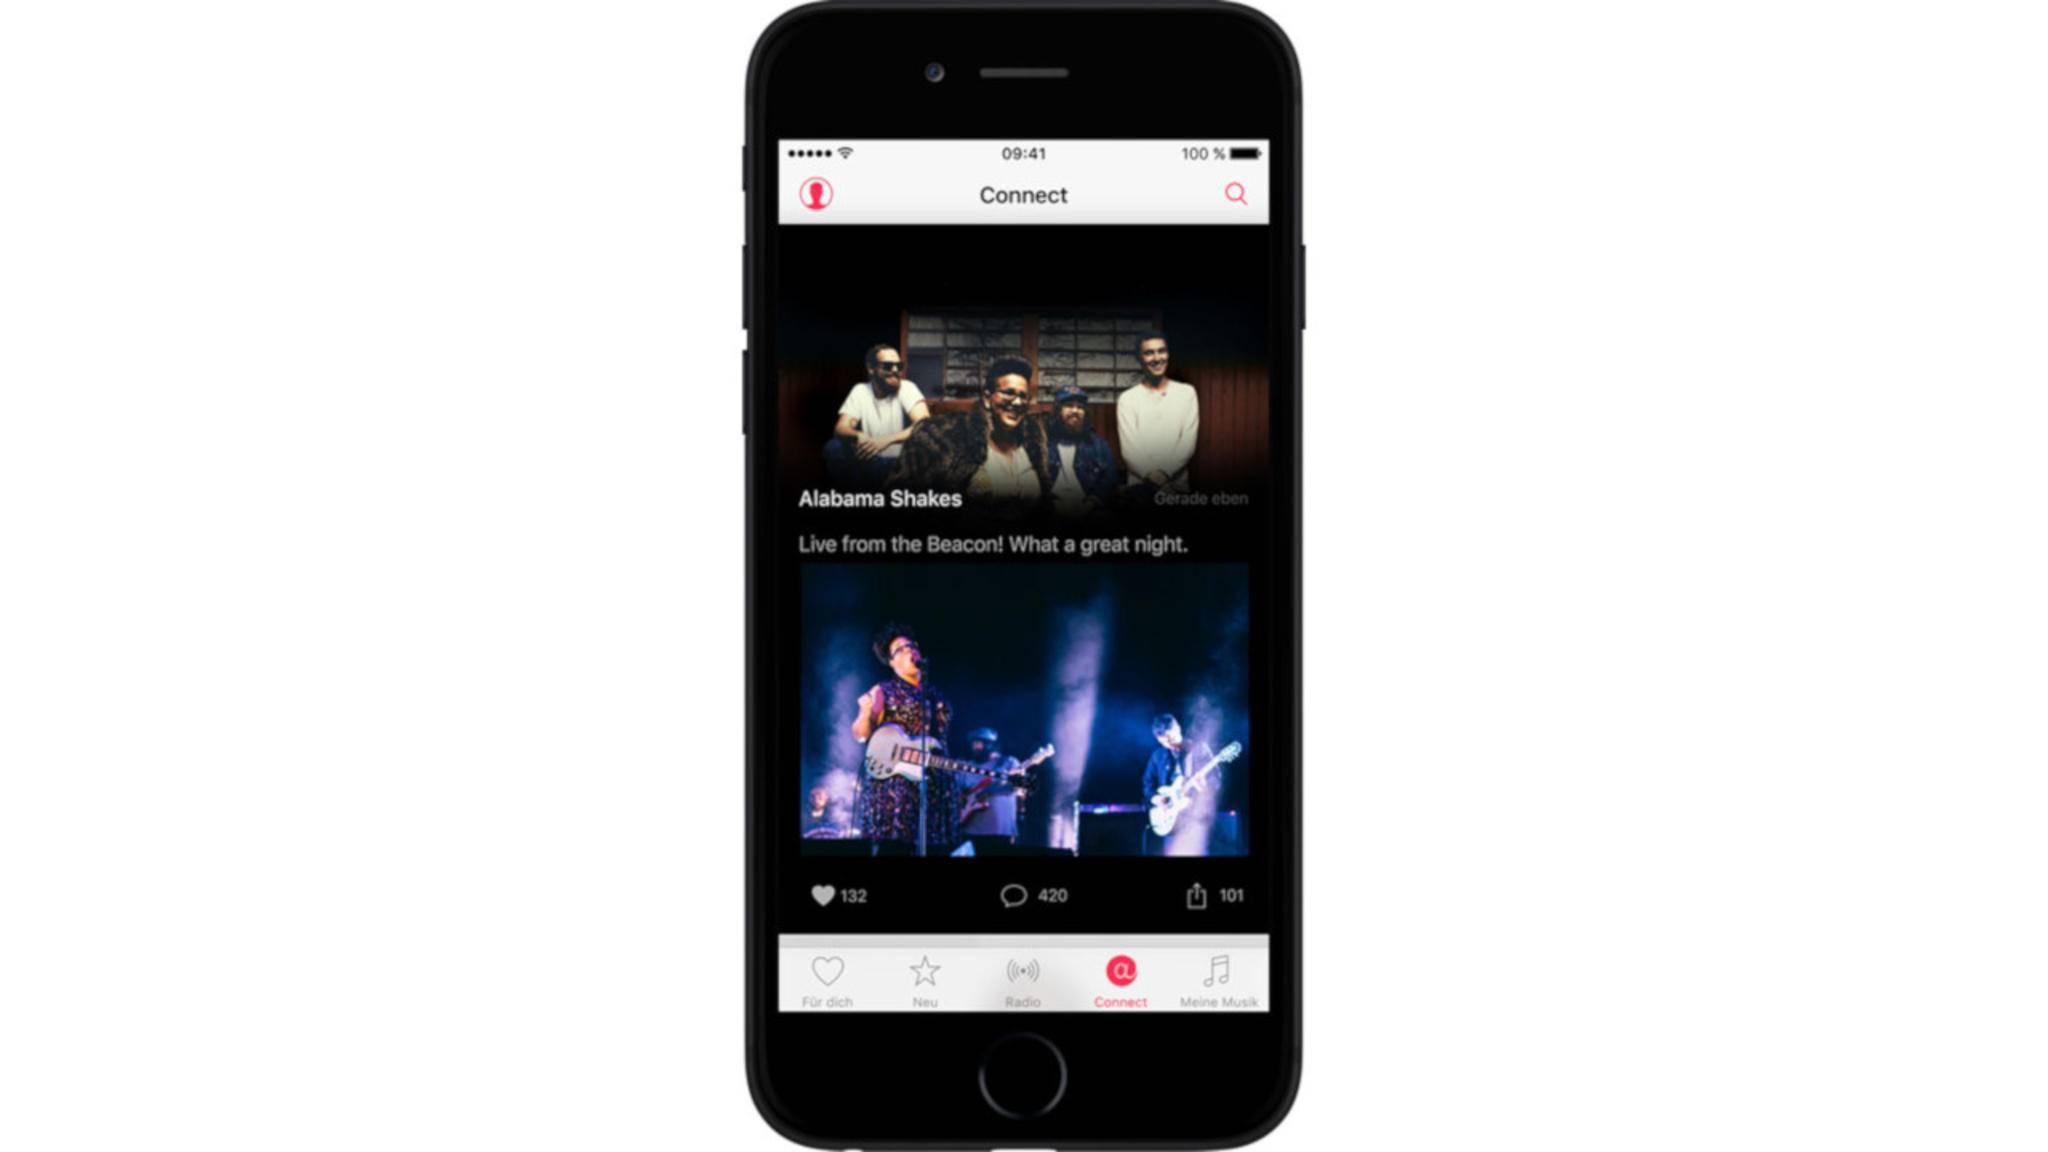 Apple Music Connect brachte nicht den erwarteten Erfolg und schließt nächstes Jahr im Mai.